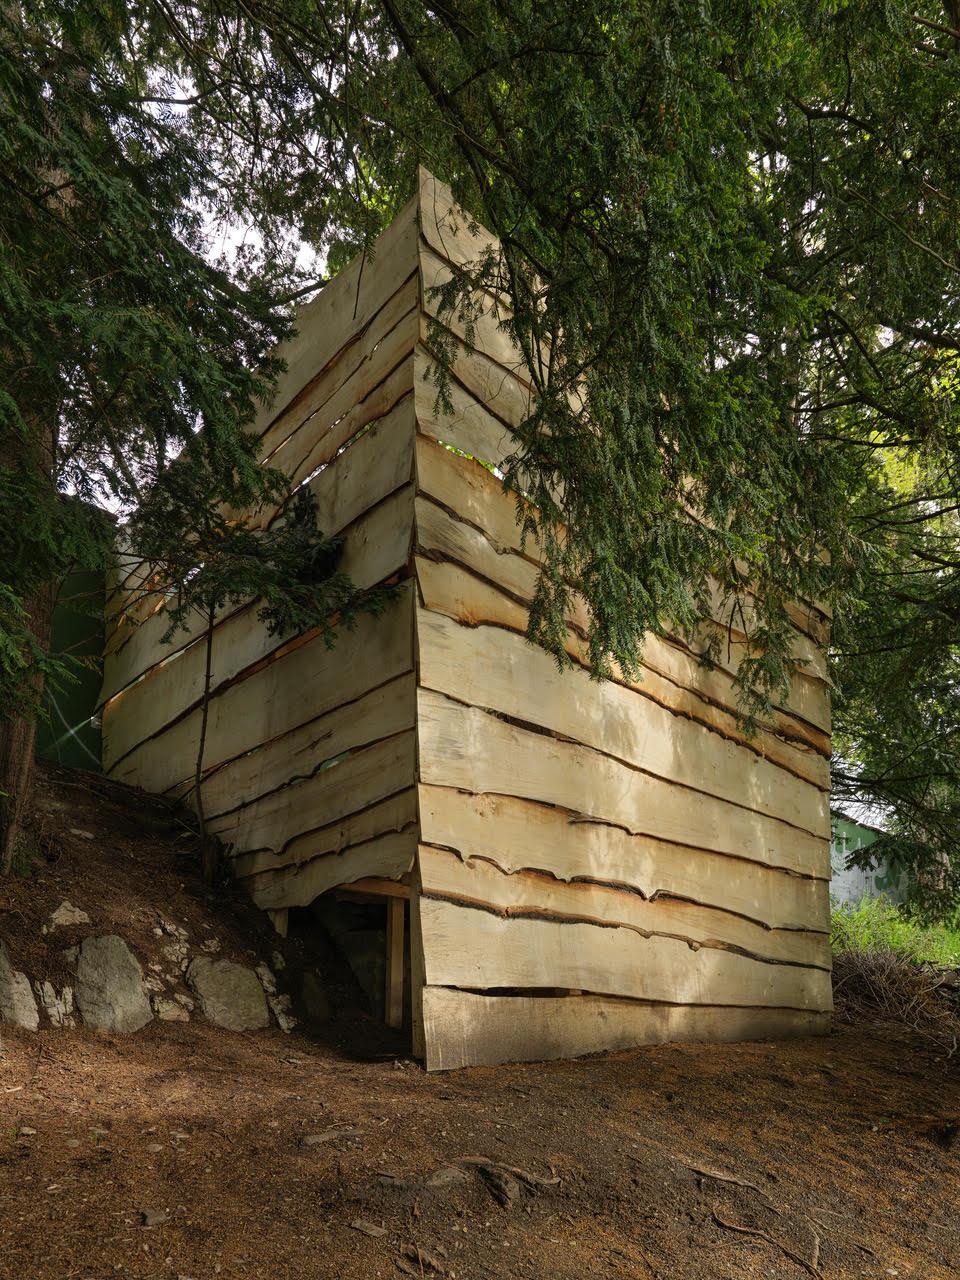 Photo du projet The green door project - 24/7 space de HEAD STUDENTS - GENEVA